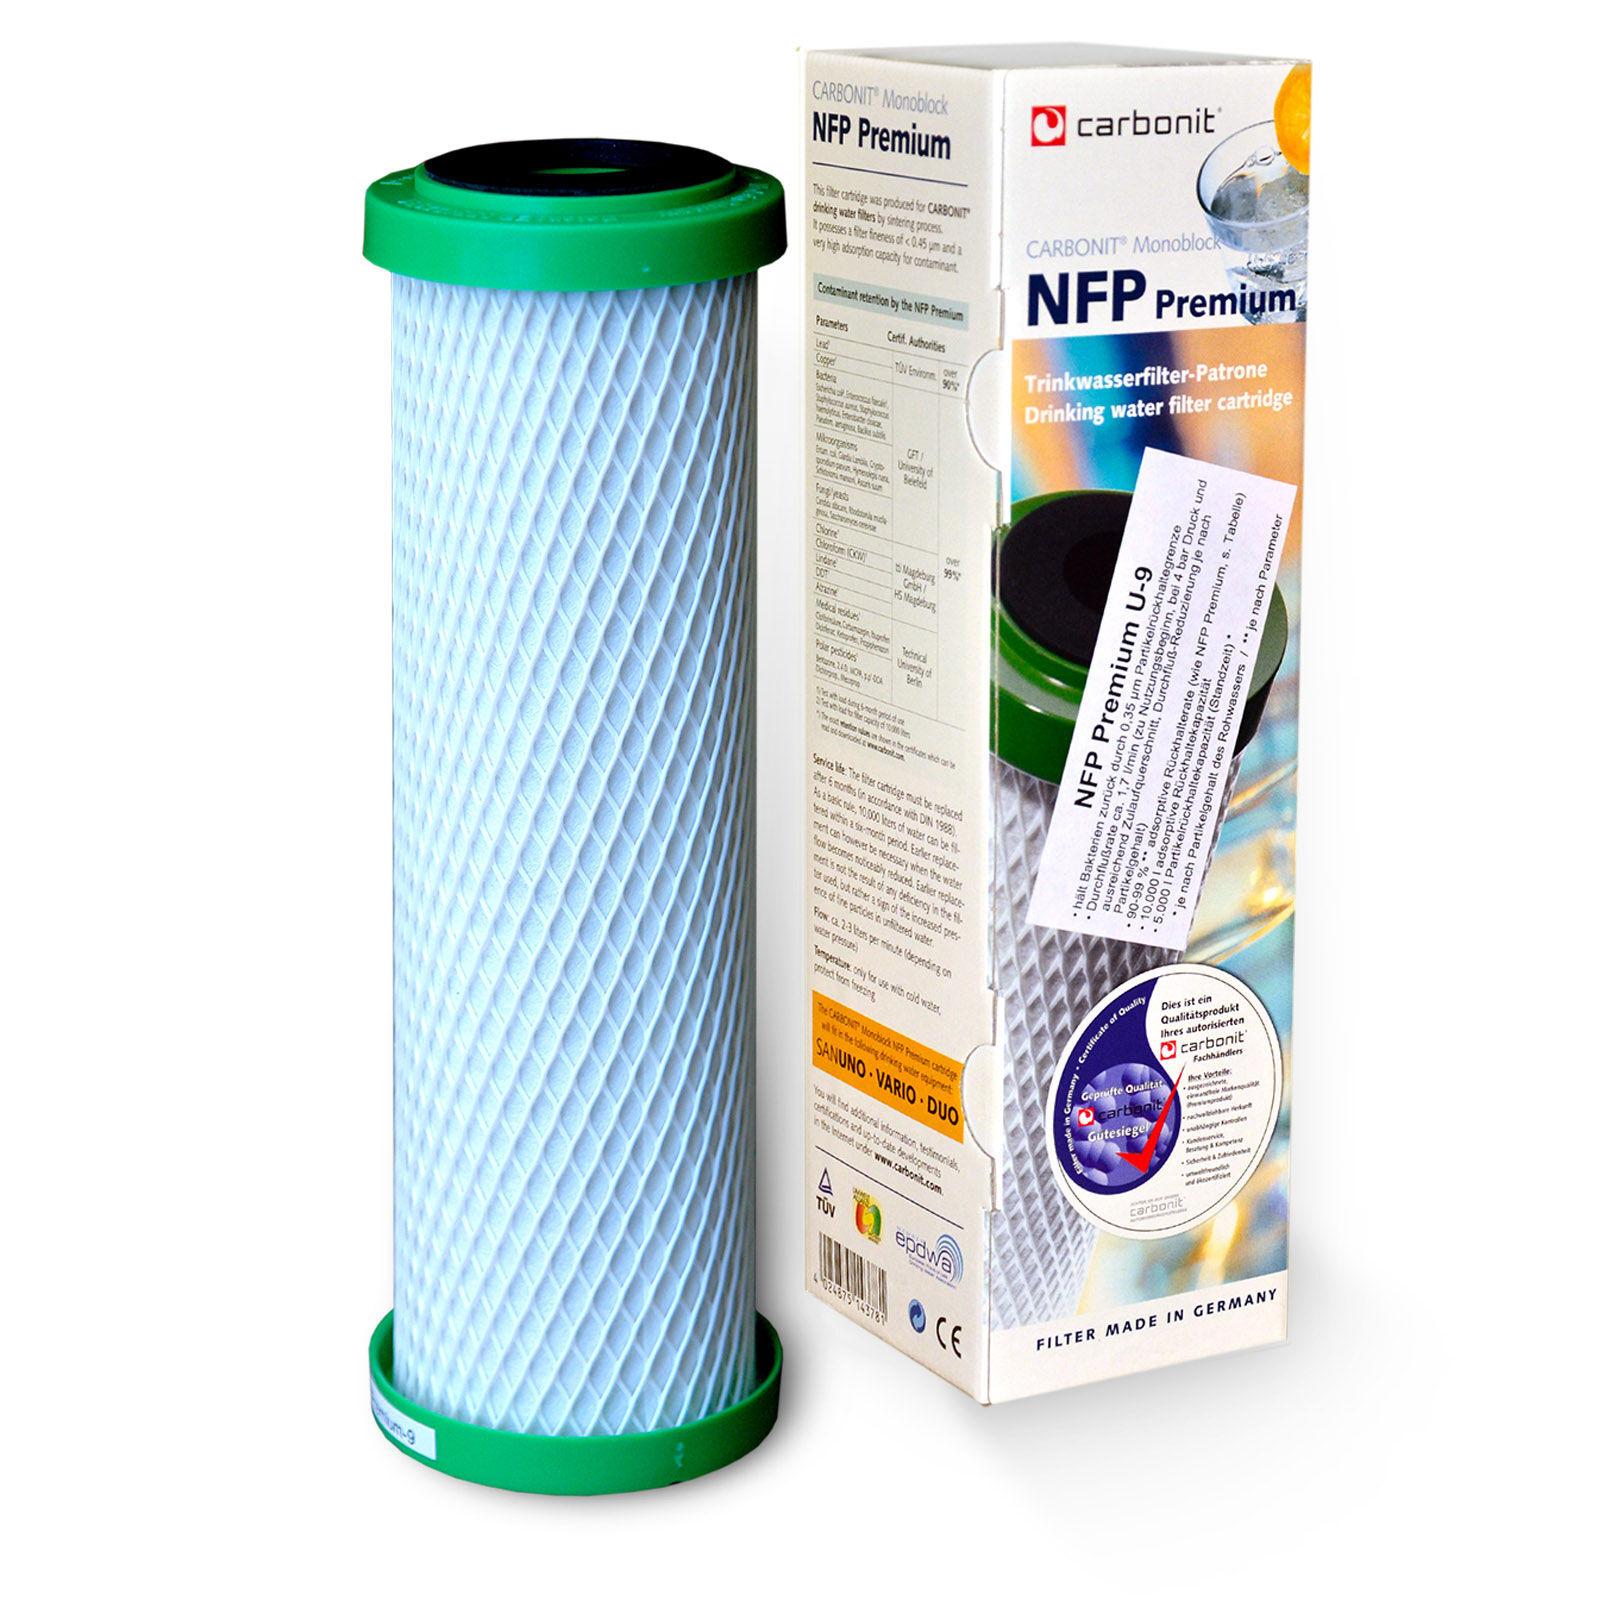 Carbonit Aktivkohle NFP Premium U-9 Wasserfilter Ersatzpatrone